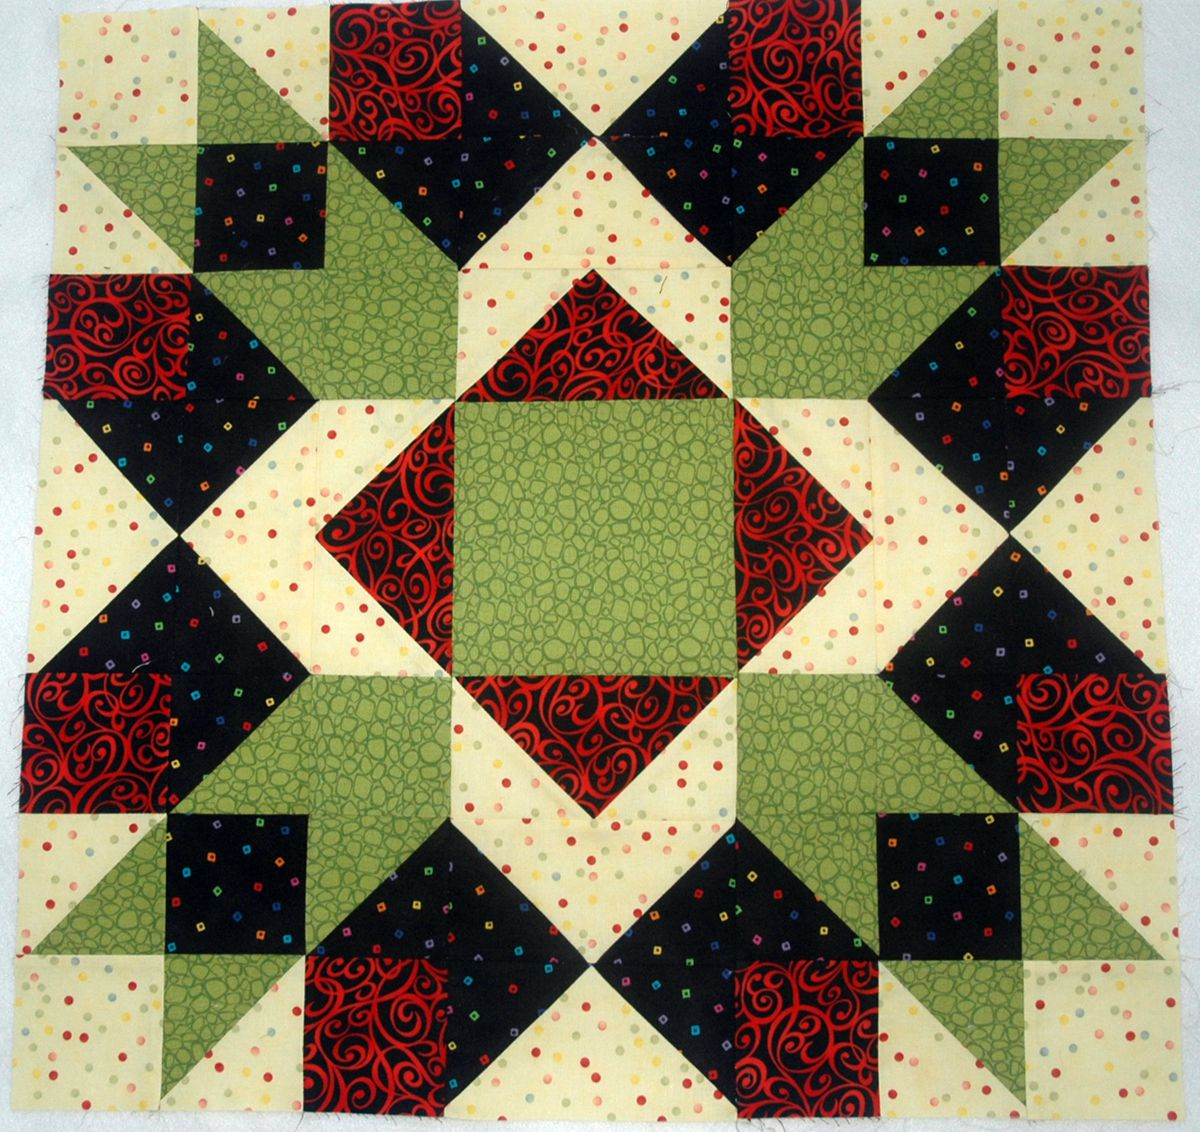 Large Quilt Block Patterns